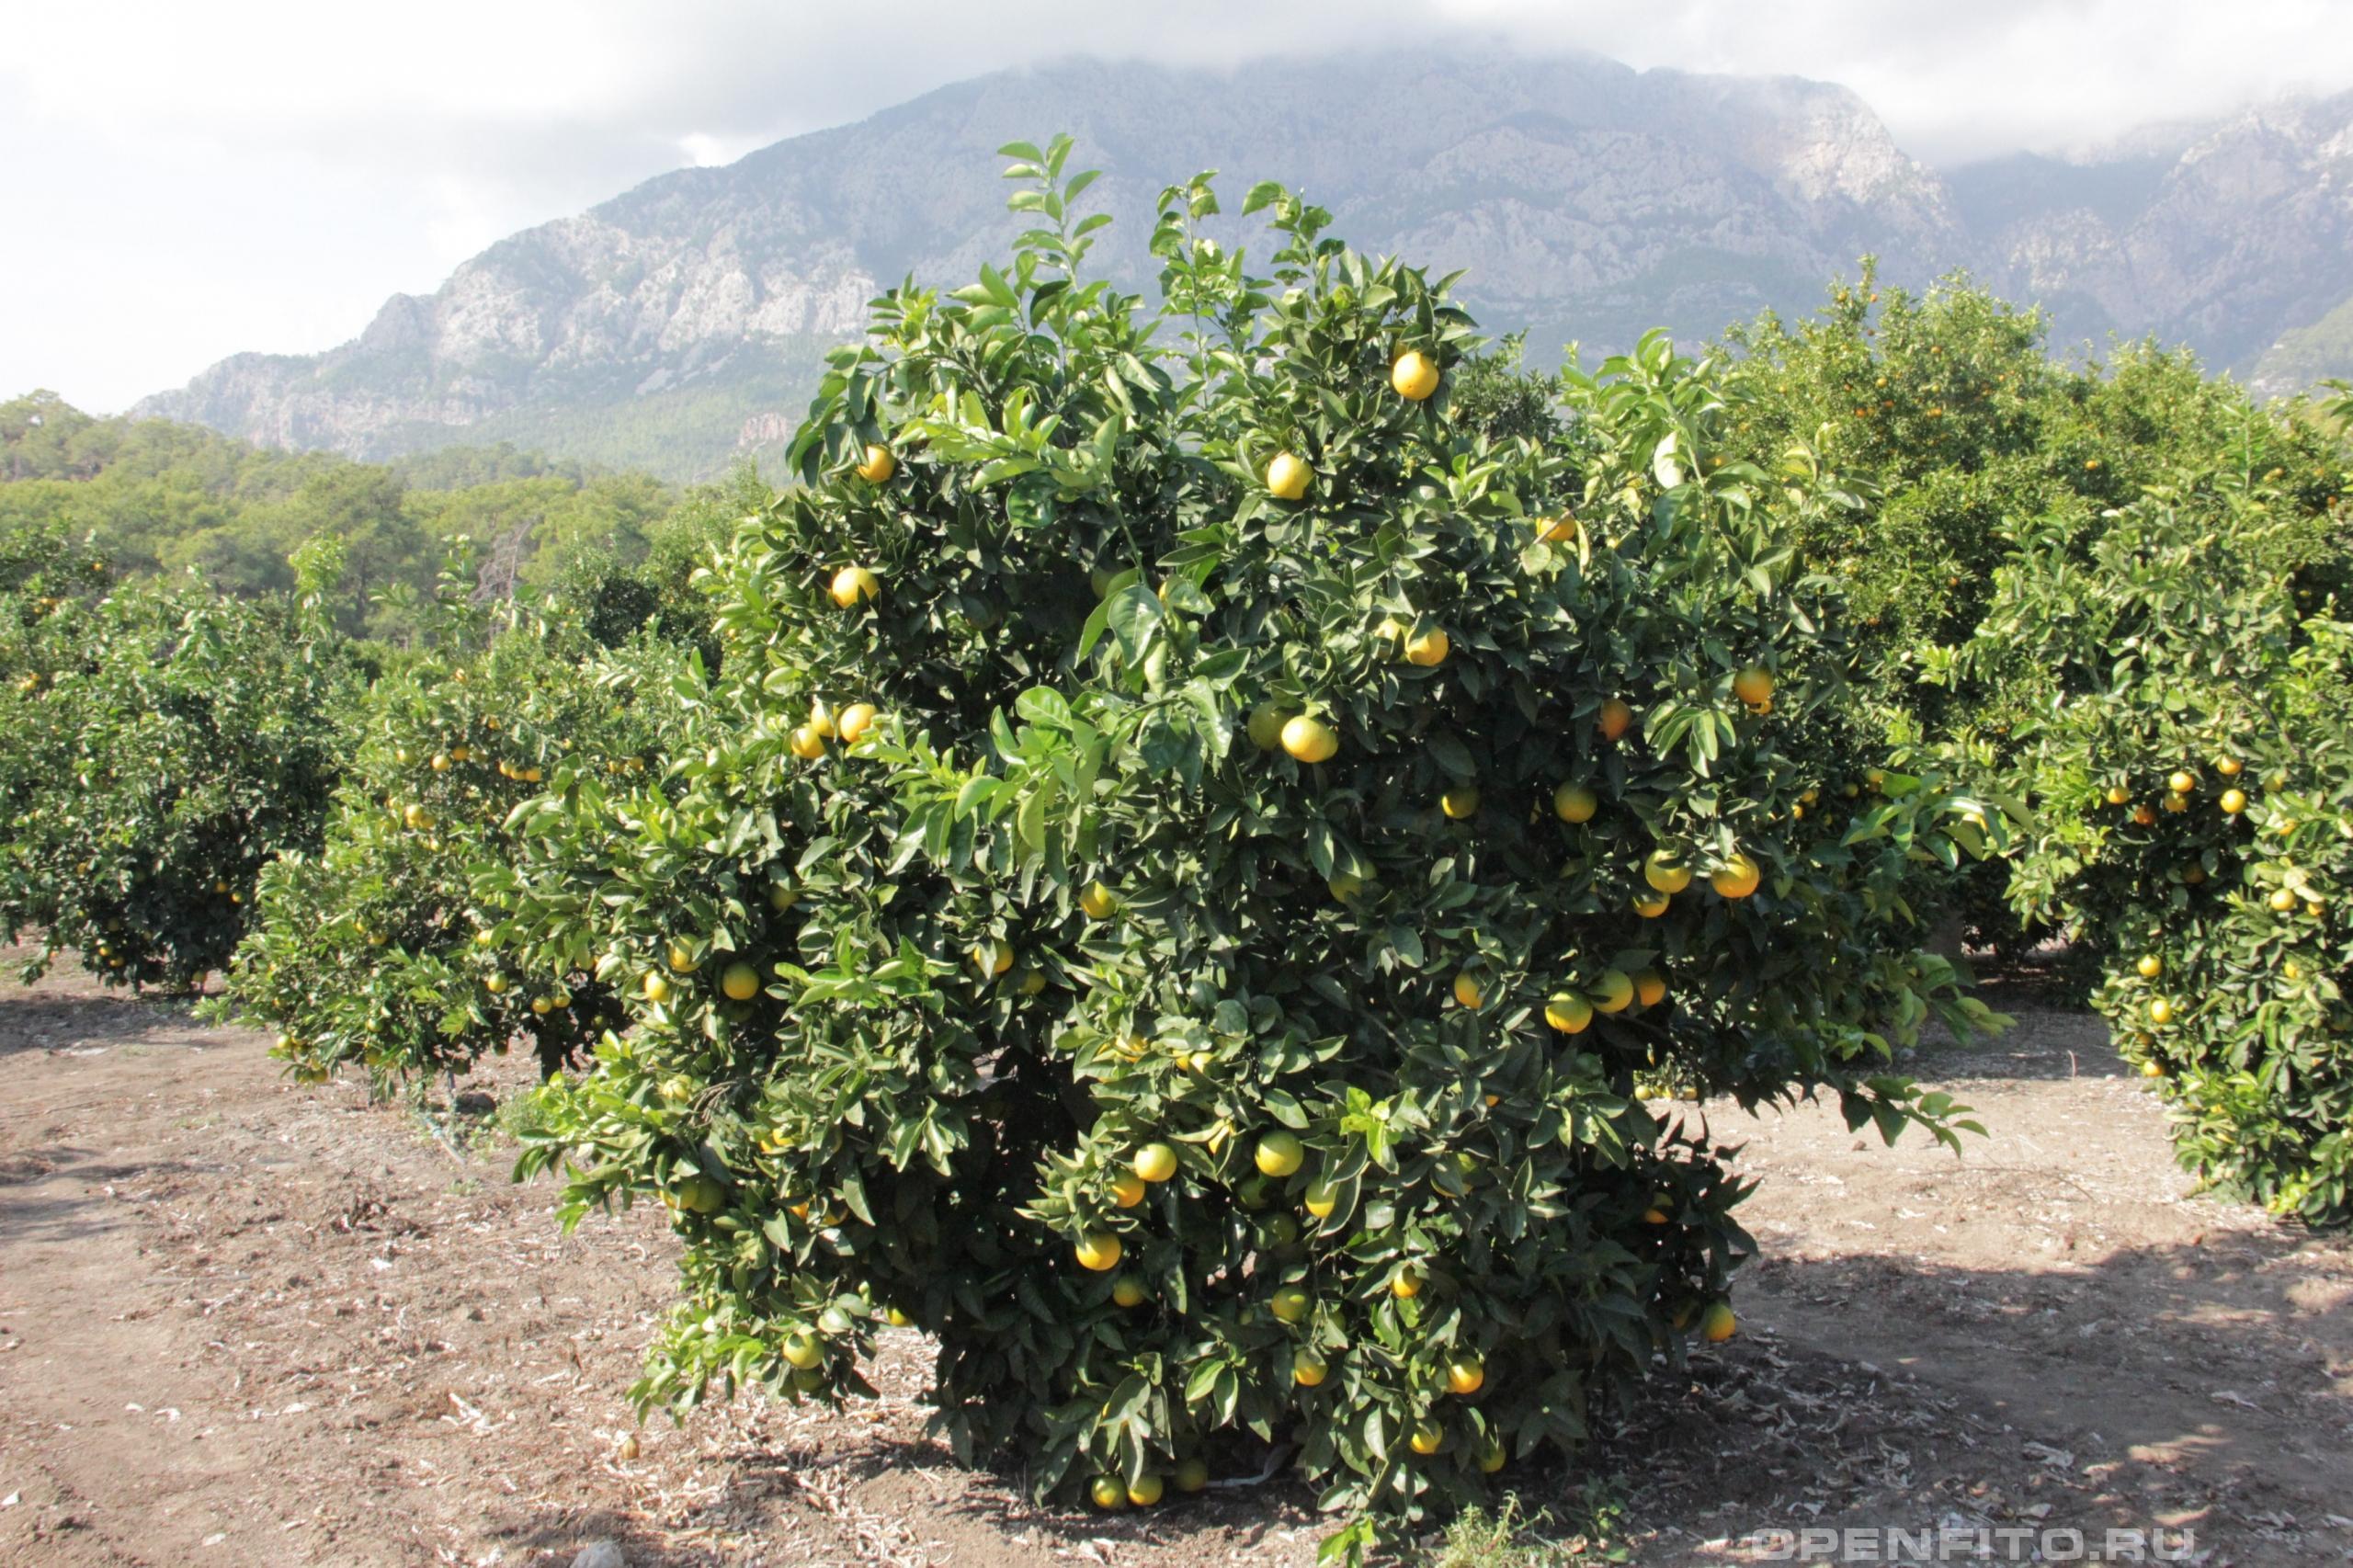 Апельсин сладкий или цитрус китайский